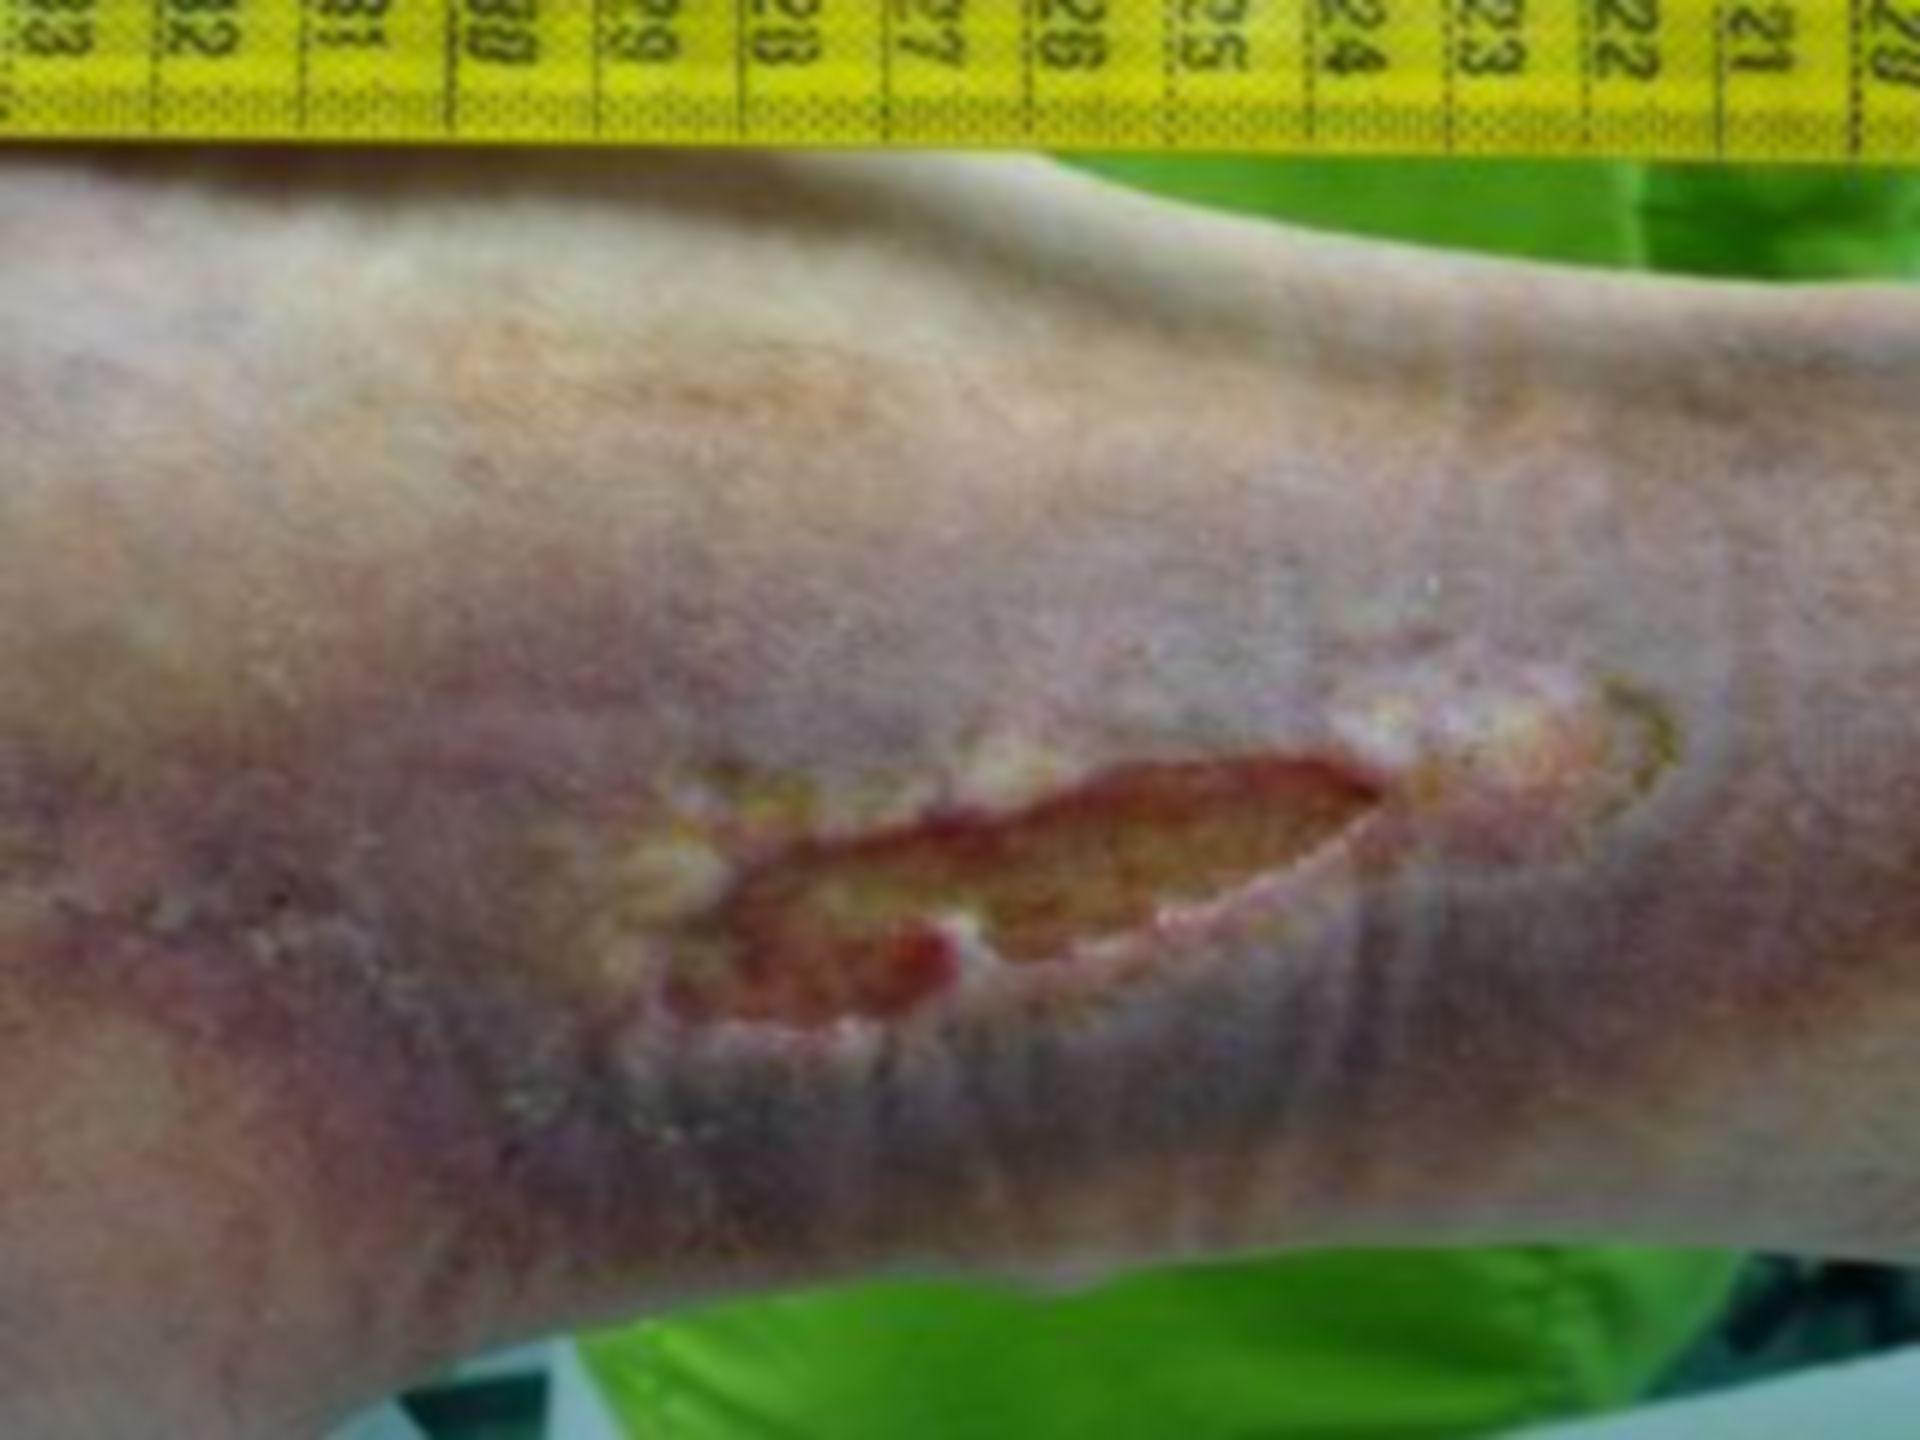 (4) Tratamiento de heridas, trombósis, úlcera del miembro inferior, 11.07.14